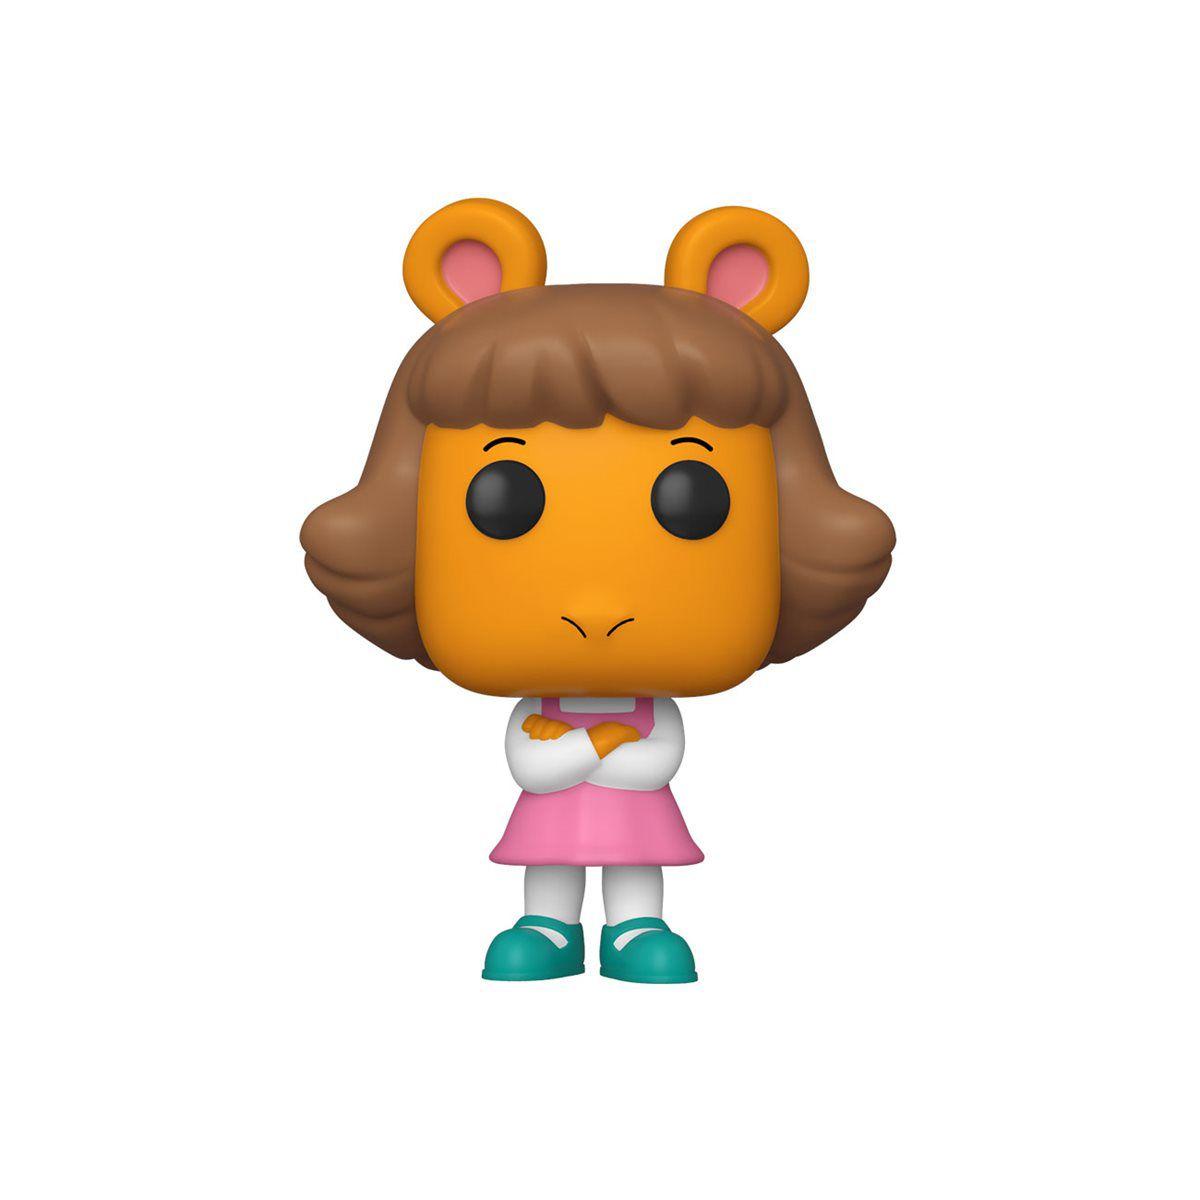 PRÉ VENDA: Funko Pop! D.W. (Dora Winfred): Arthur - Funko